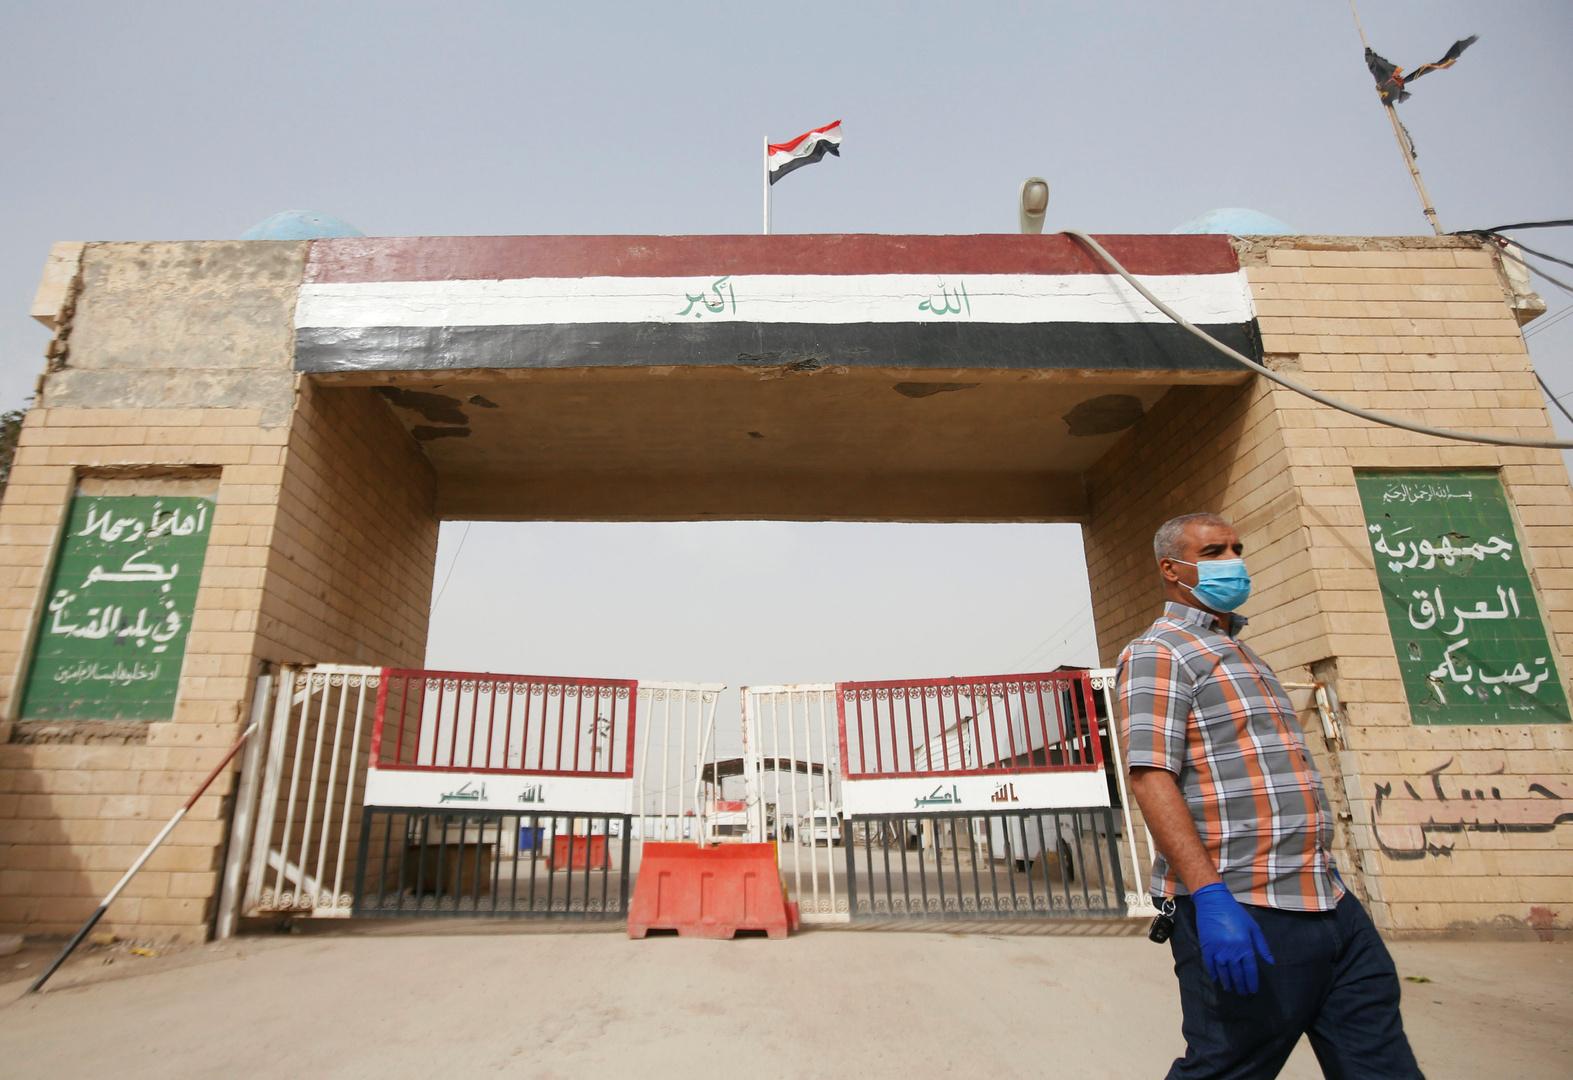 بعضهم محكوم بالمؤبد.. العراق يفرج عن 40 سجينا إيرانیا